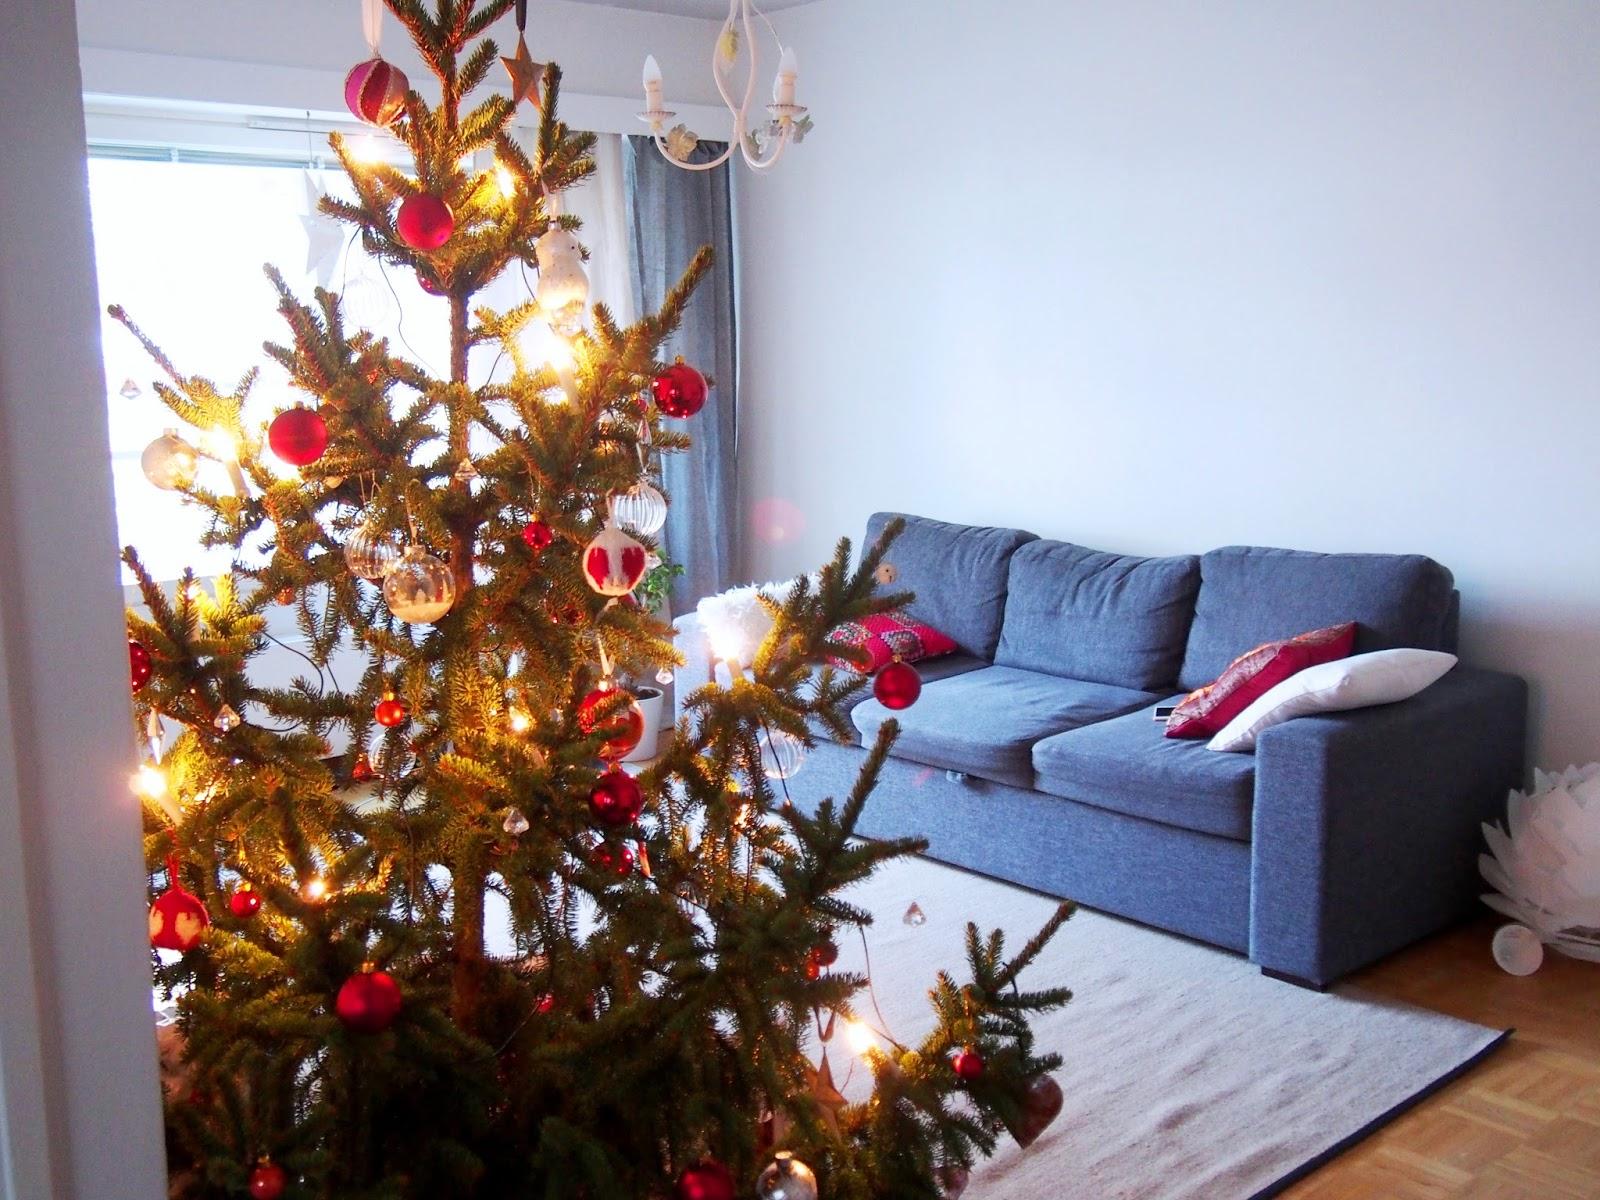 white christmas joulu kuusi tree ornament valo lihgts owl animals eläin pöllö pallo lasi tähti star